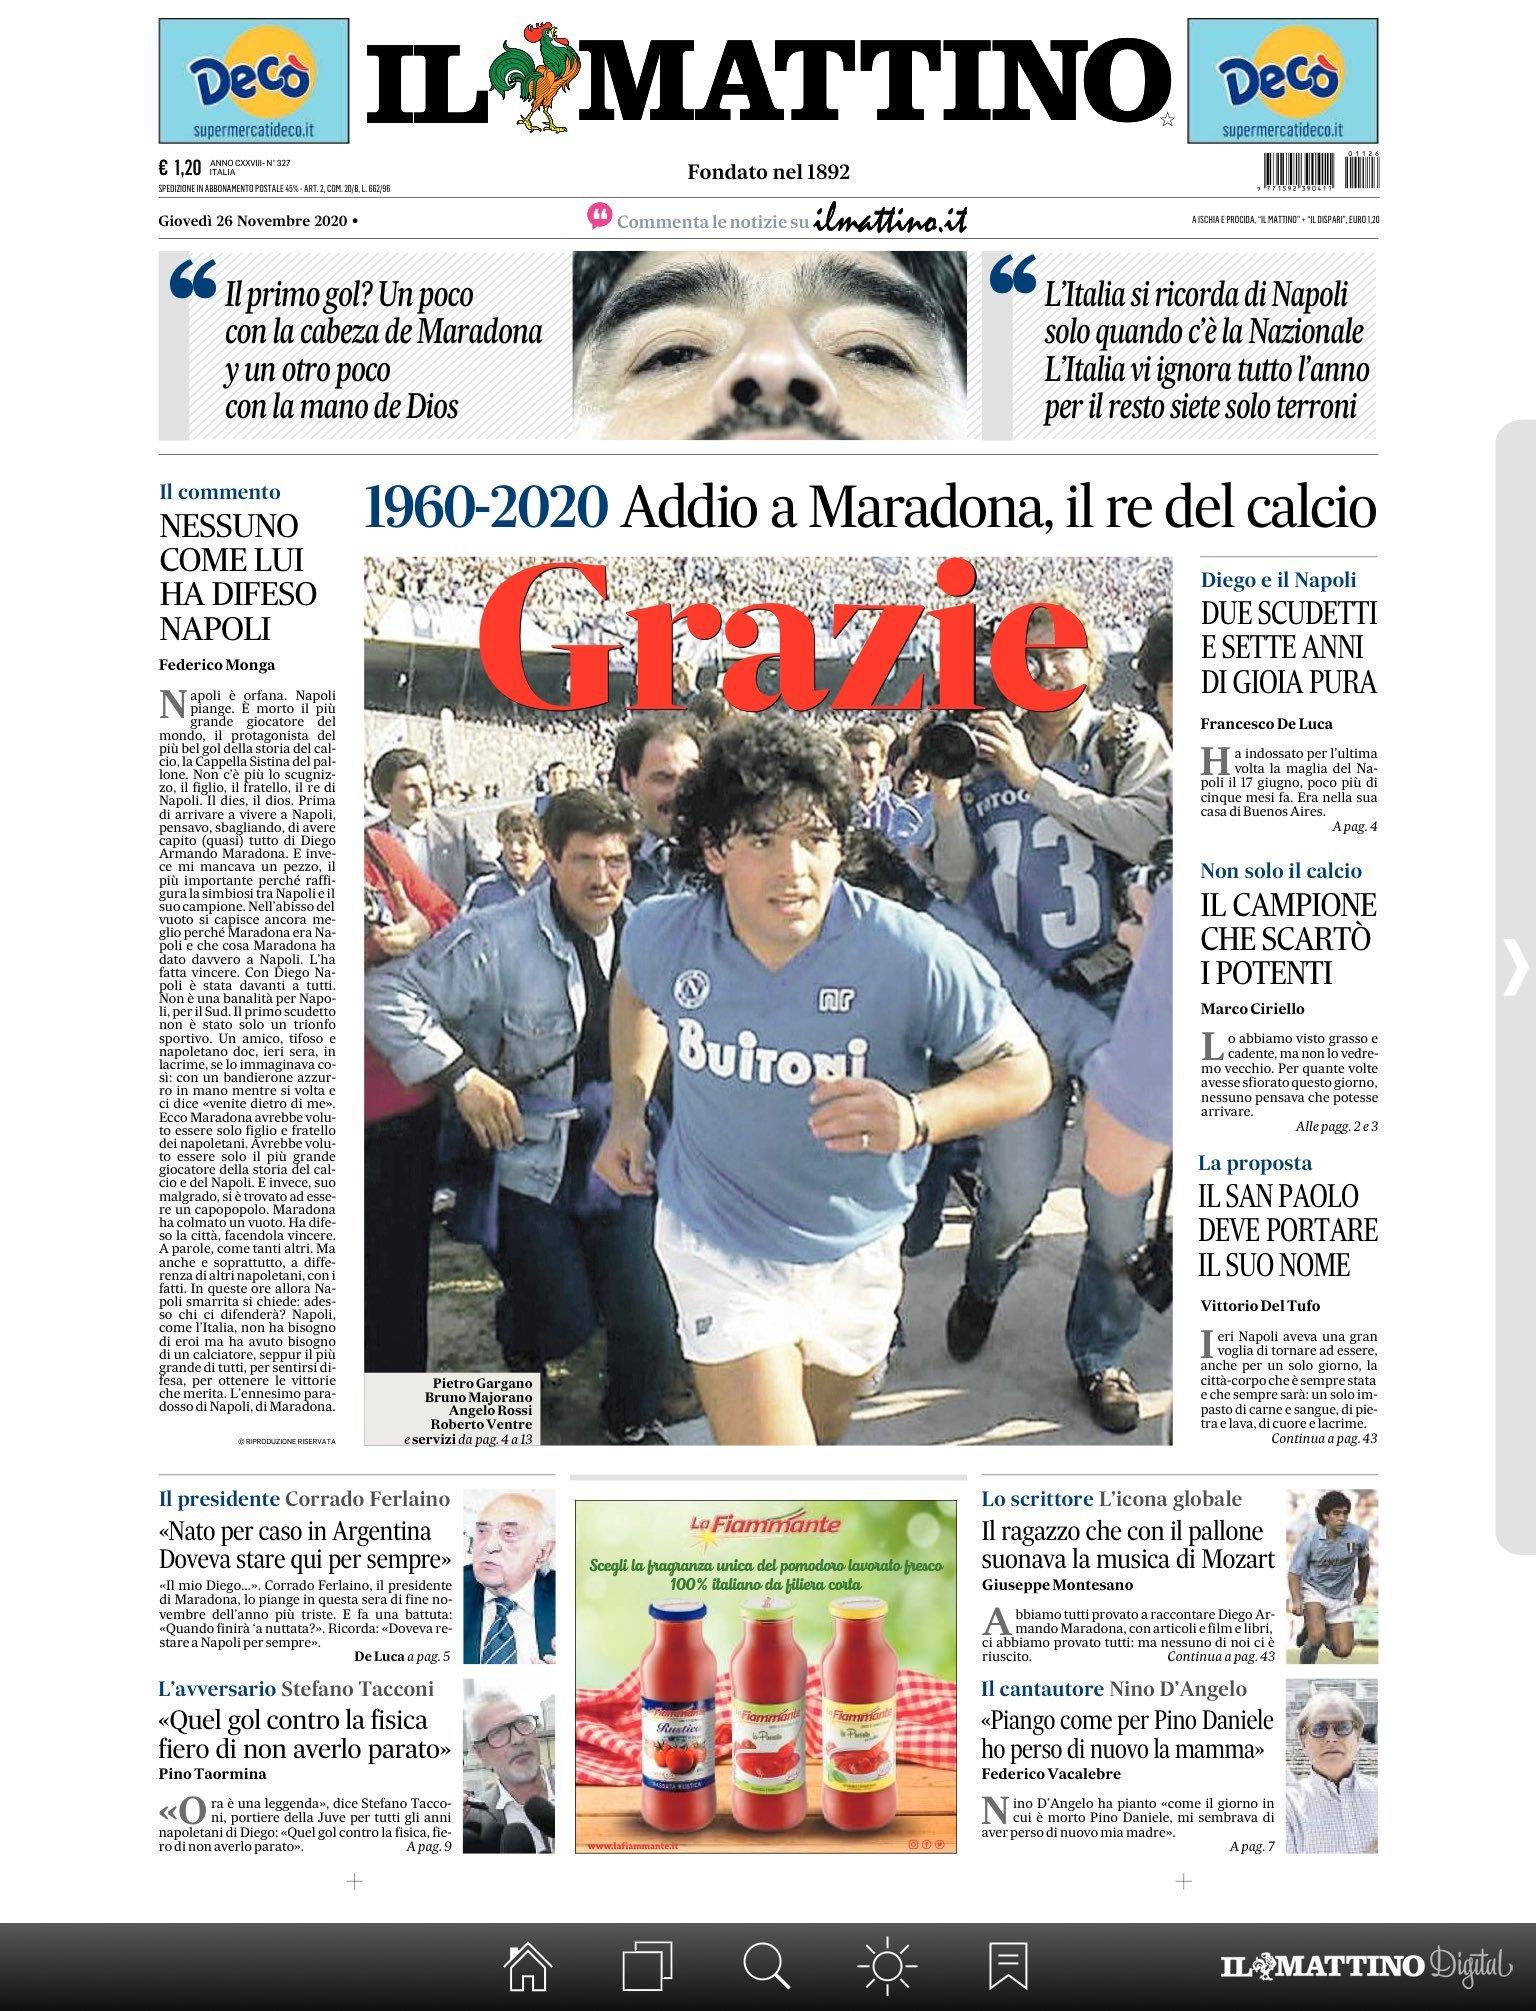 Fallece Diego Armando Maradona al sufrir un paro cardíaco  16063869832518